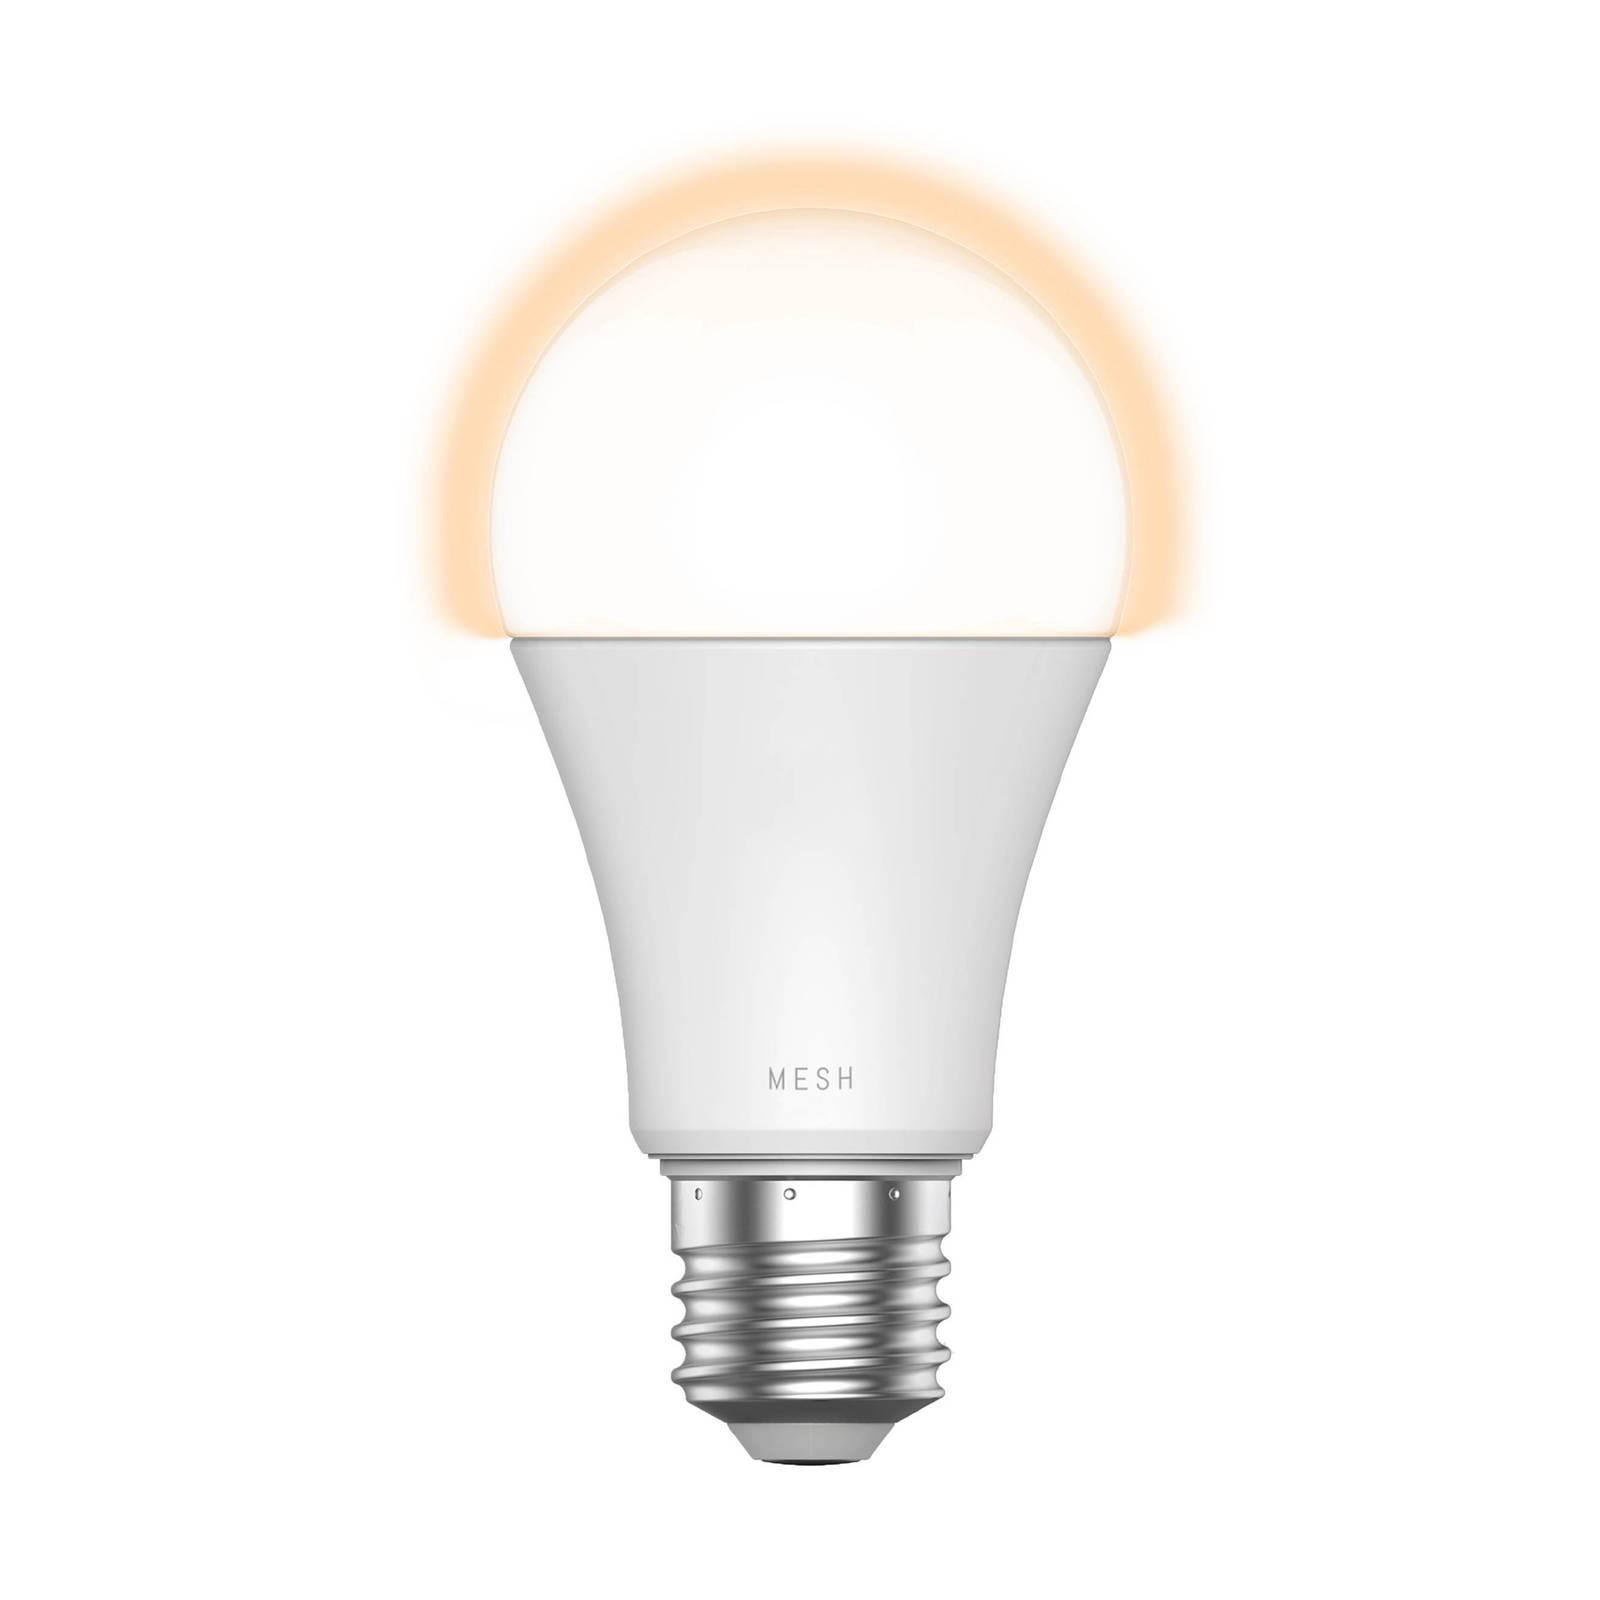 EGLO connect E27 9W LED bianco caldo